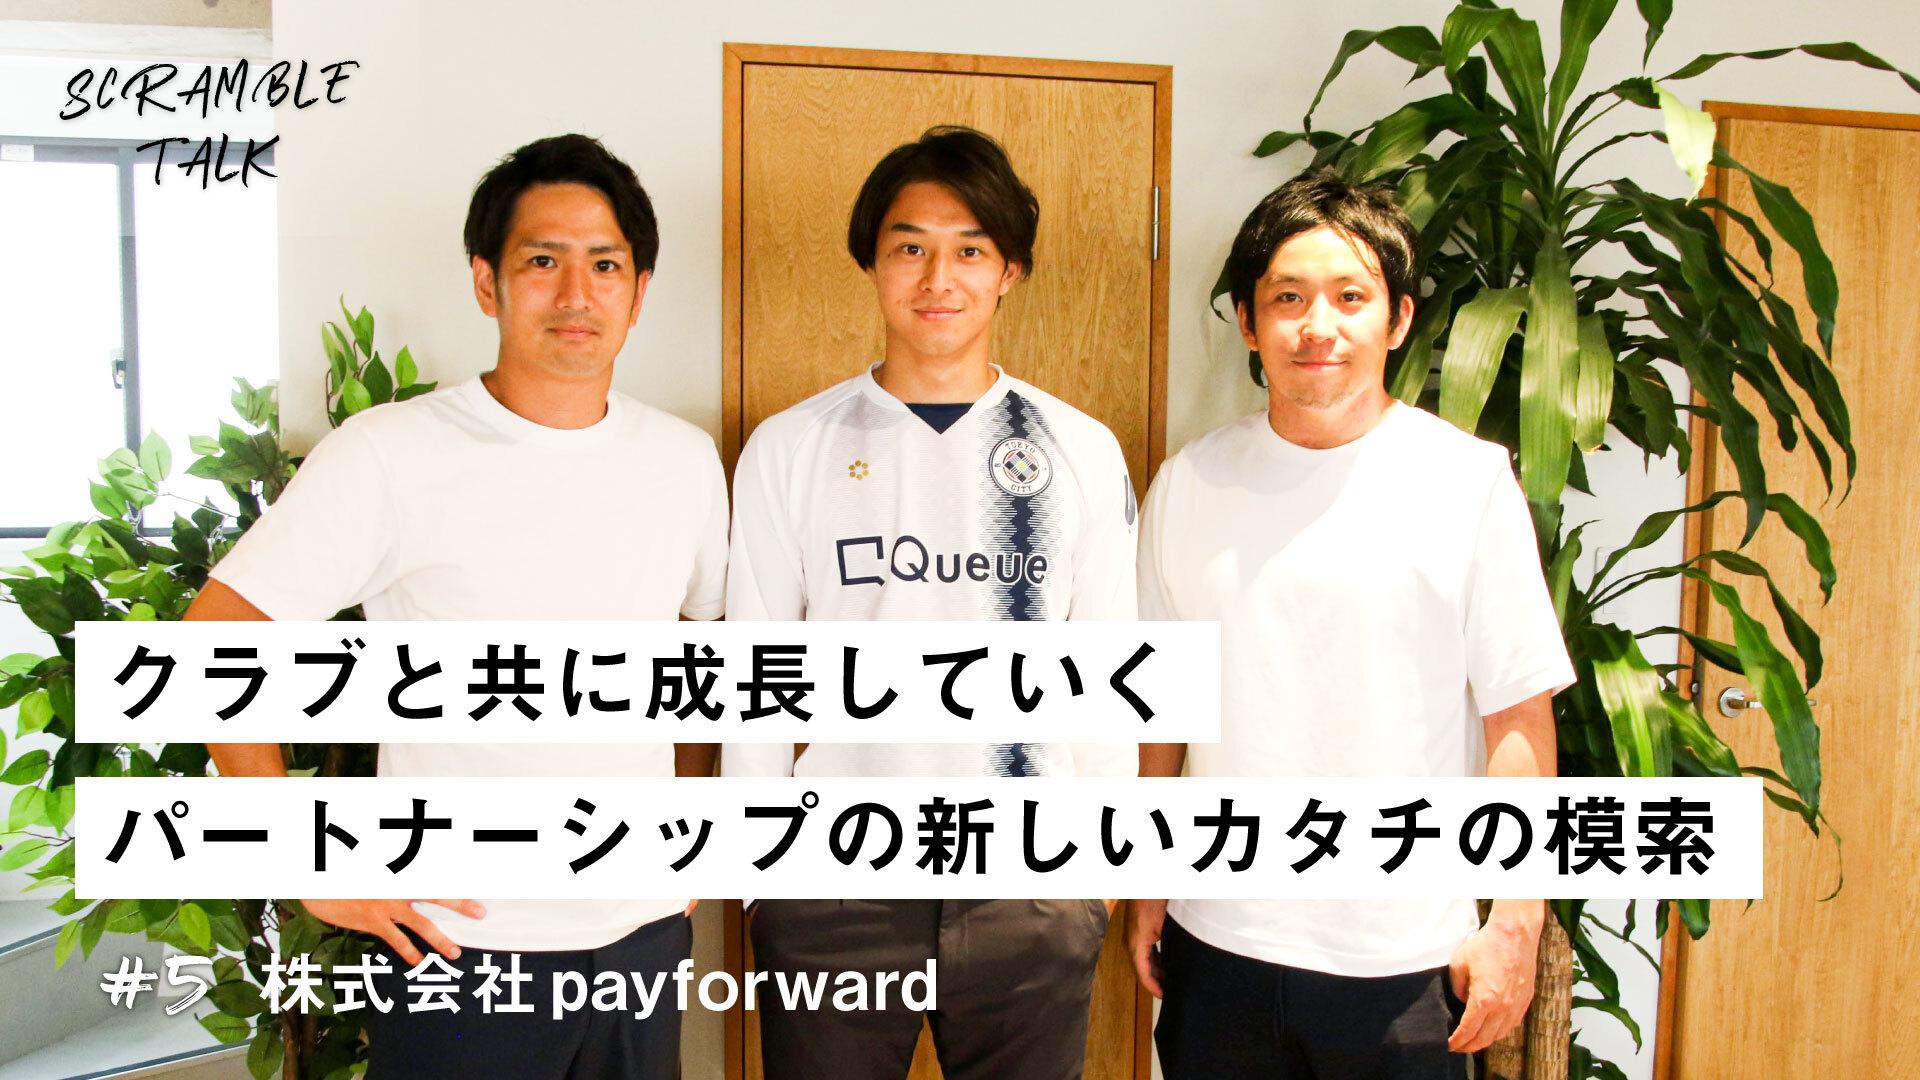 #05 クラブと共に成長していくパートナーシップの新しいカタチの模索(株式会社pay forward)